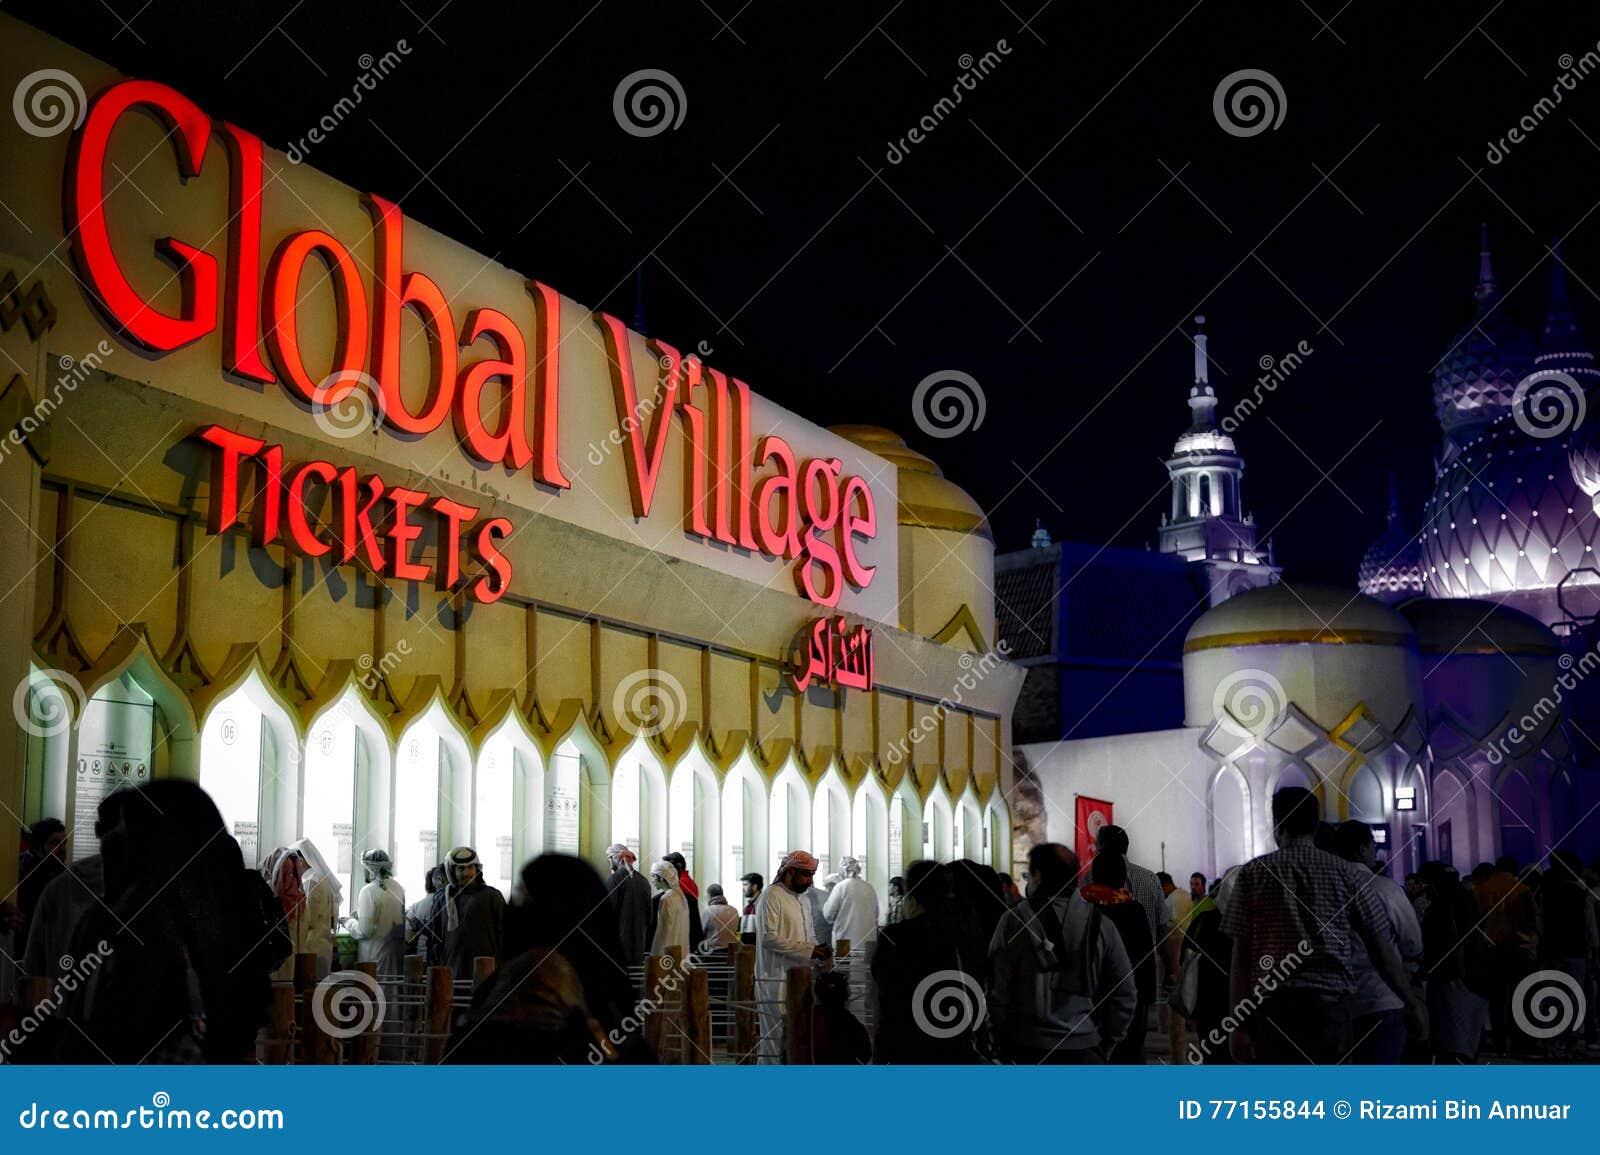 Villaggio globale, Dubai, Emirati Arabi Uniti